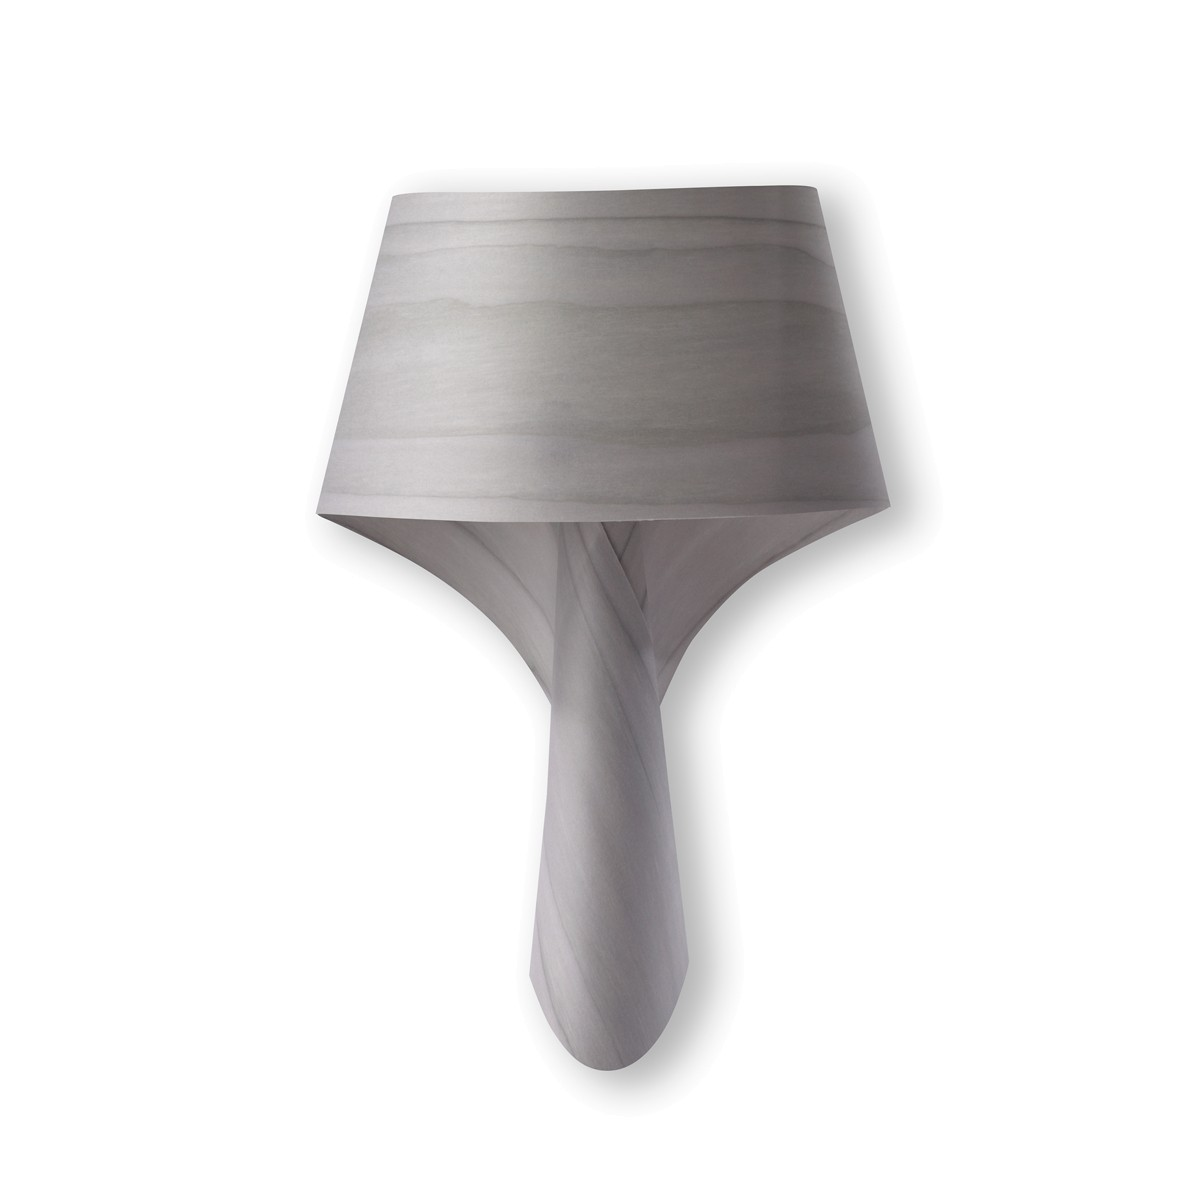 LZF Lamps Air Wandleuchte, grau